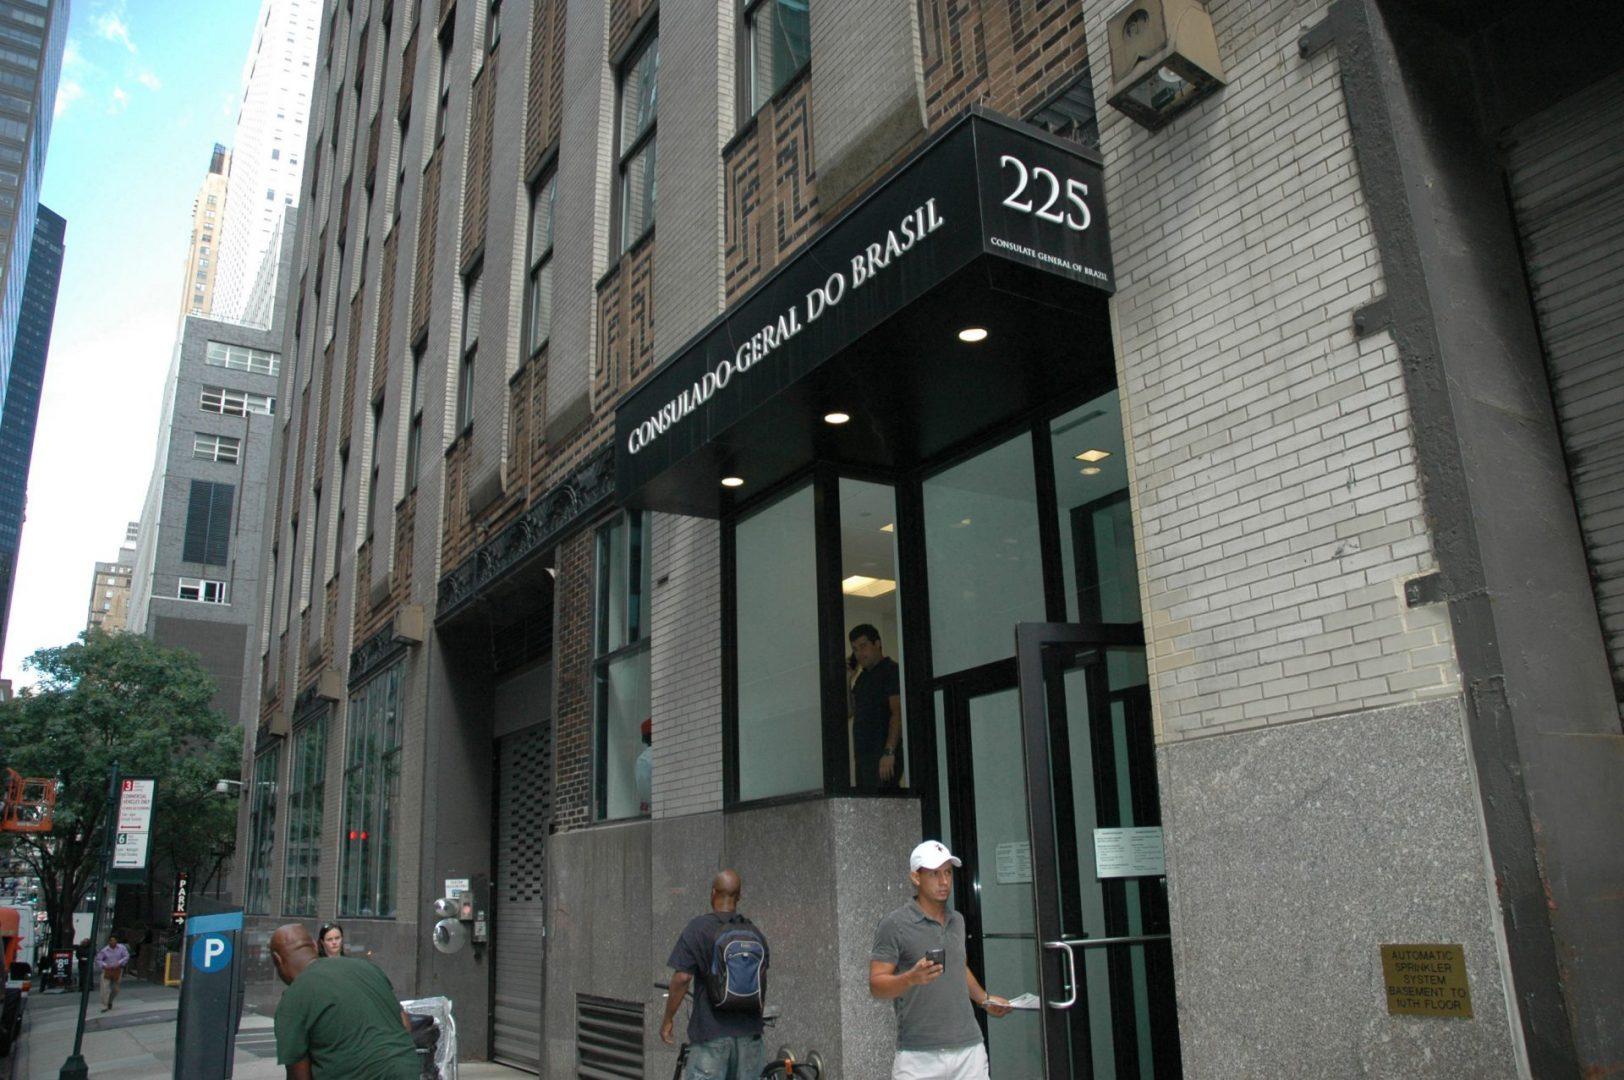 Foto10 Consulado Geral do Brasil em NY scaled Consulado de NY avisa cancelamento de Itinerantes